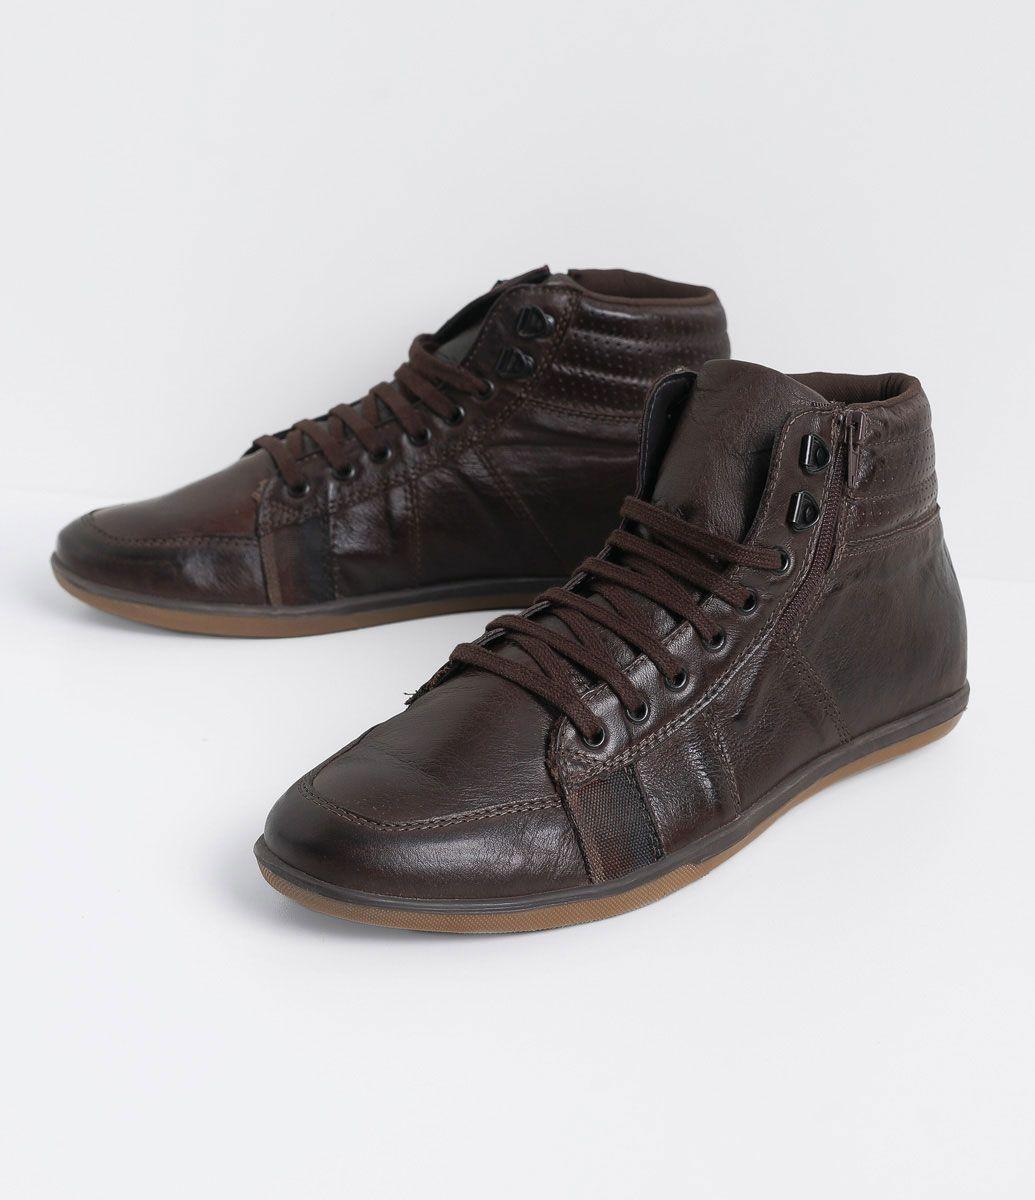 c4a1ed89a99 Sapatênis masculino Material  couro Cano alto Com zíper Marca  Satinato  Genuine COLEÇÃO INVERNO 2016 Veja outras opções de sapatênis masculino.